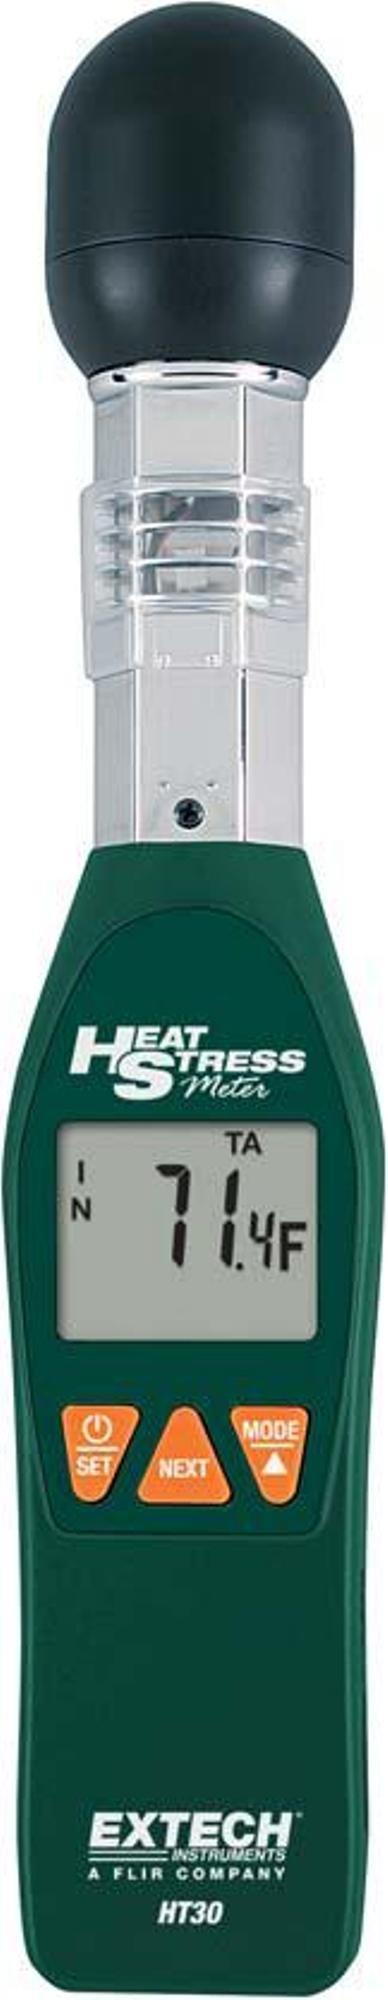 Extech HT30 Heat Stress WBGT Meter by Extech